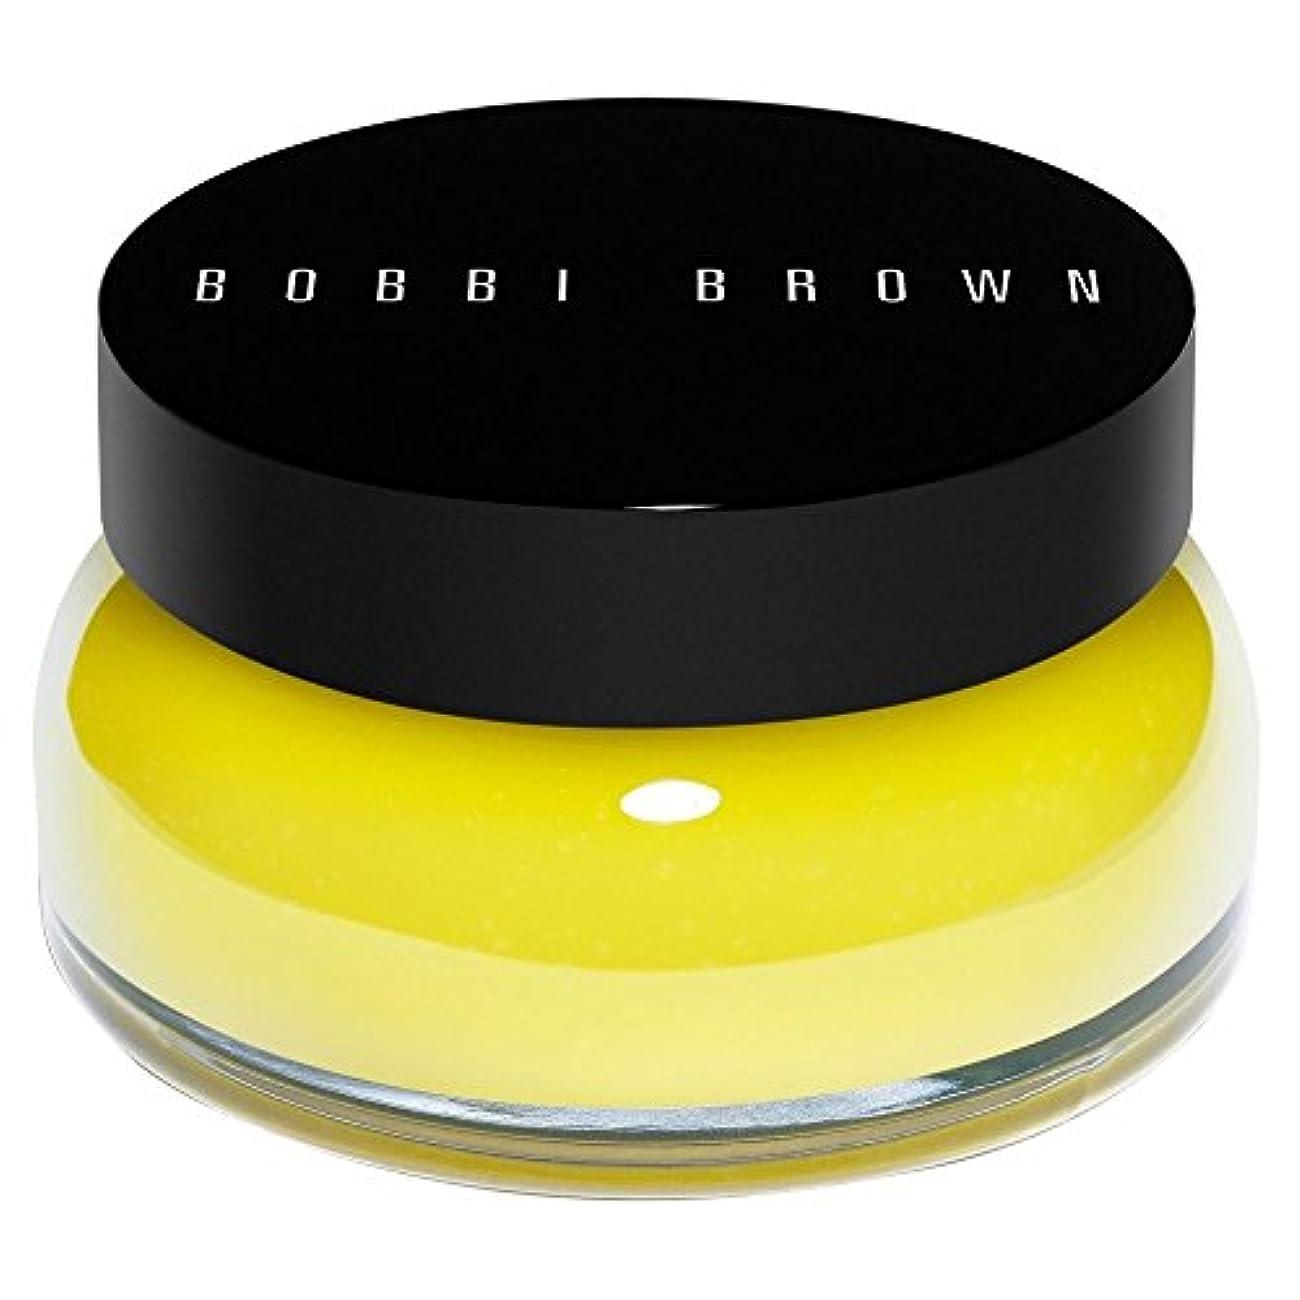 ひも仲介者代理人[Bobbi Brown] ボビーブラウンエクストラバームリンス - Bobbi Brown Extra Balm Rinse [並行輸入品]